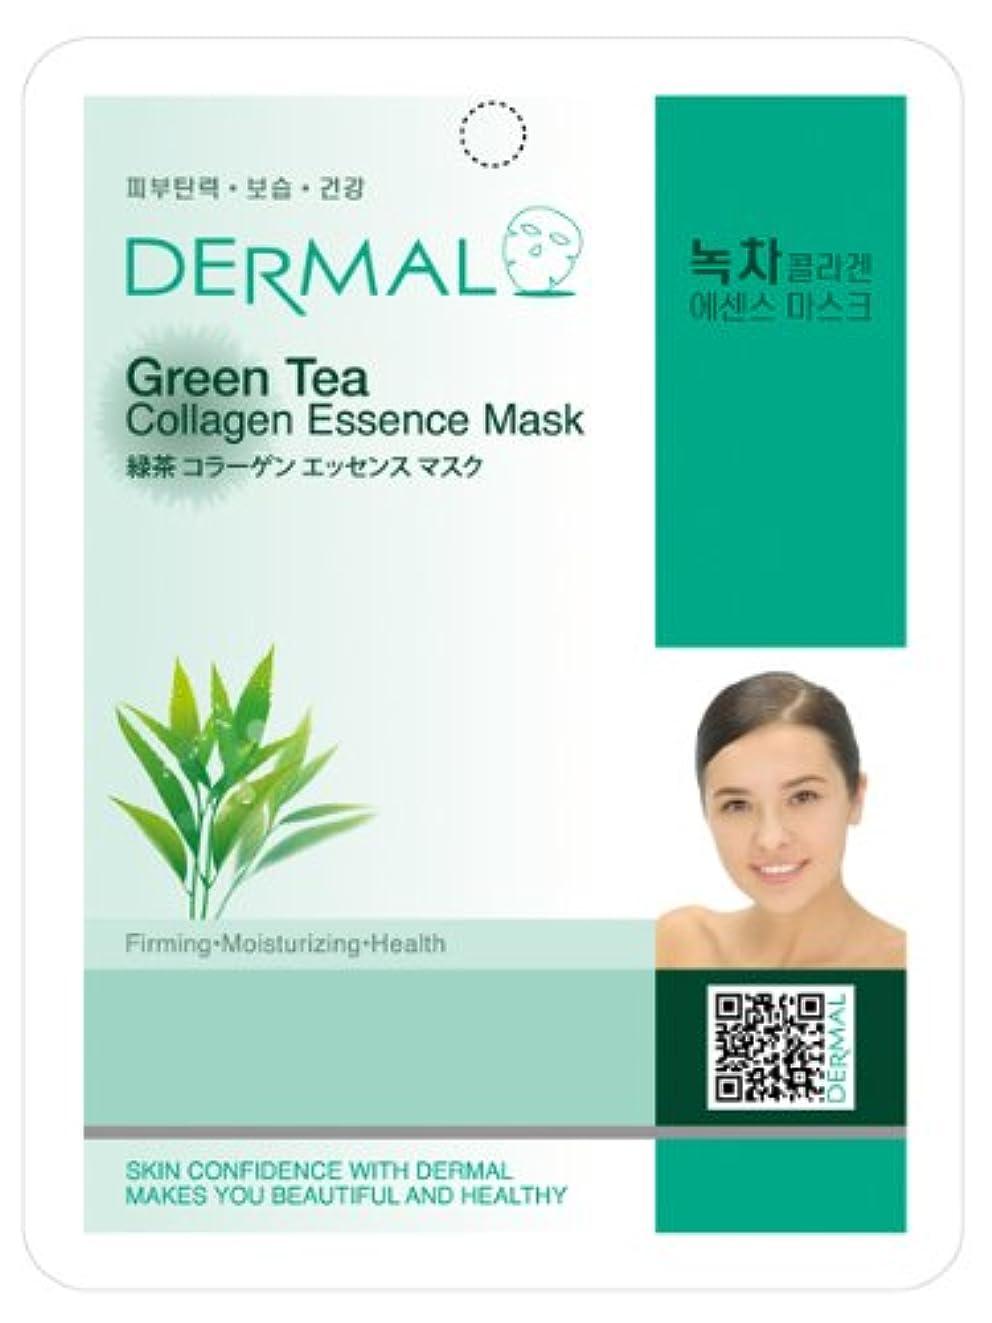 手数料大学院富シートマスク 緑茶 10枚セット ダーマル(Dermal) フェイス パック